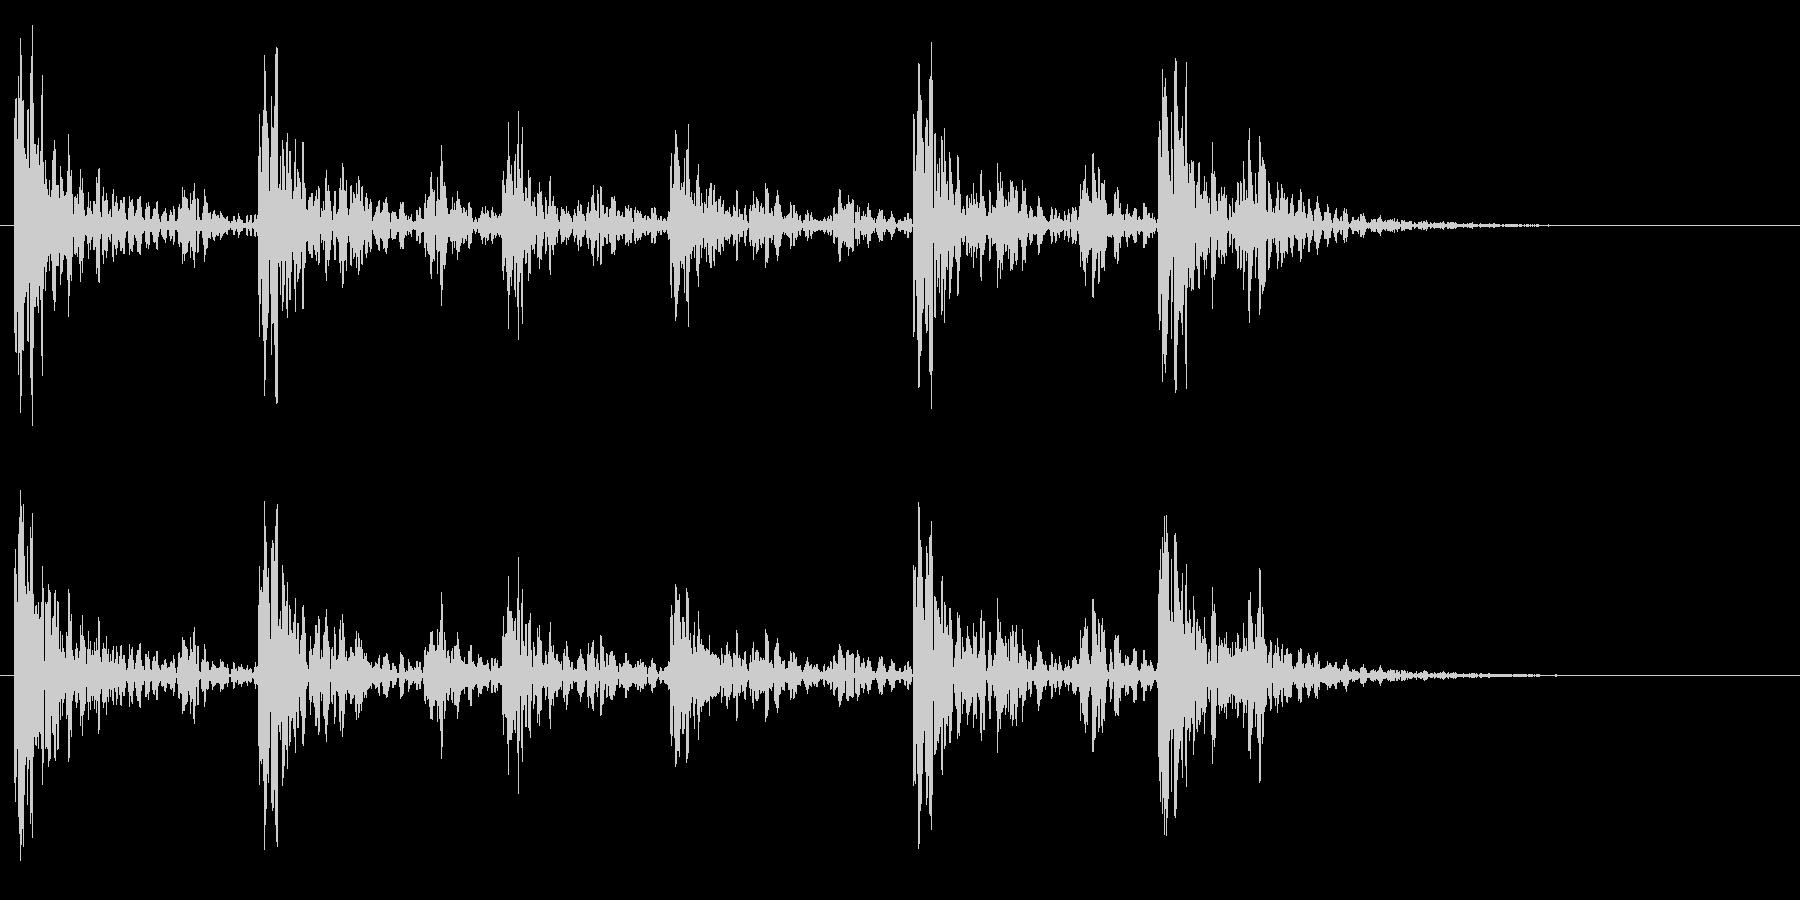 和太鼓アフリカ版Dunのフレーズ音+FXの未再生の波形